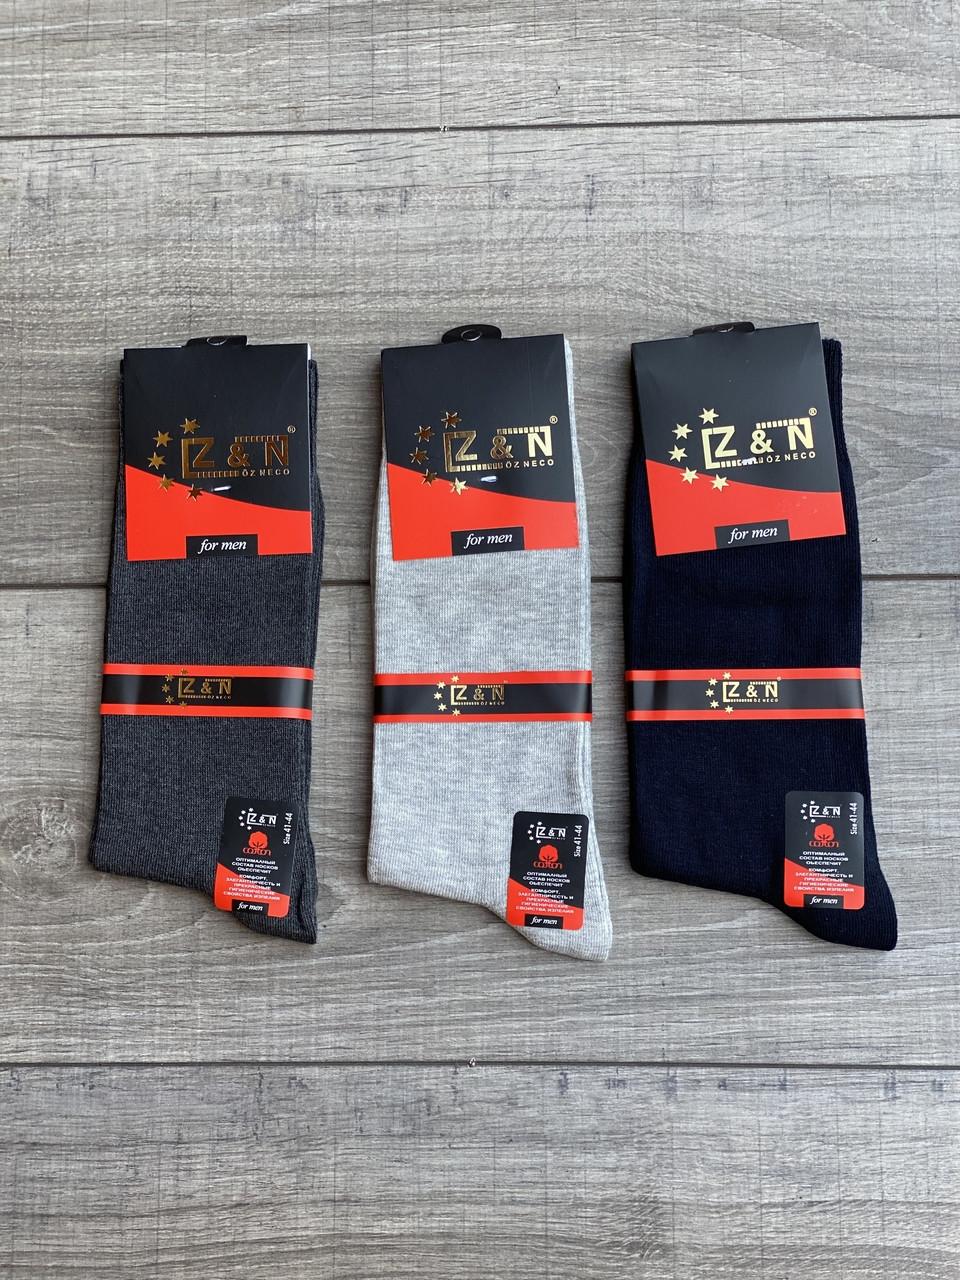 Мужские носки коттон Z & N высокие антибактериальные размер 39-41 41-44 12 шт в уп